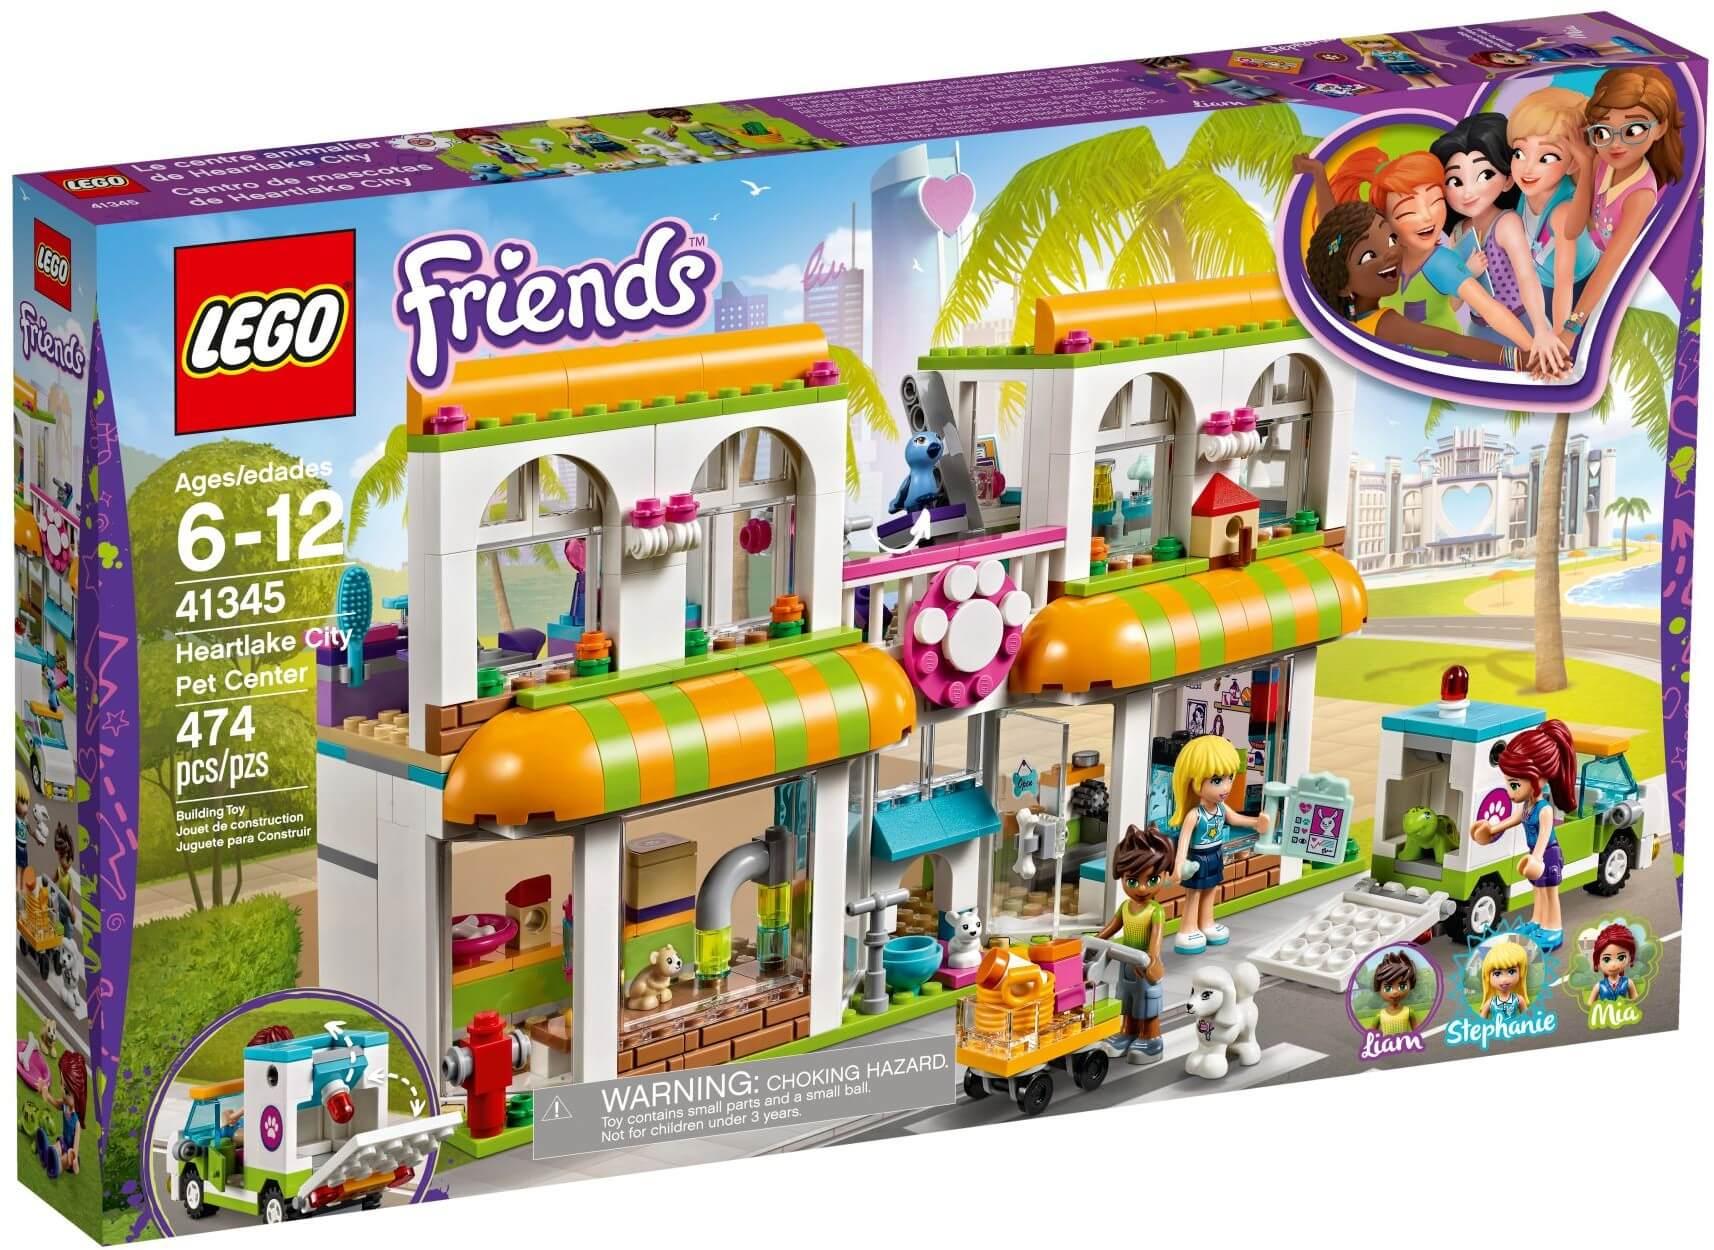 Mua đồ chơi LEGO 41345 - LEGO Friends 41345 - Bệnh Viện Thú Cưng (LEGO 41345 Heartlake City Pet Center)